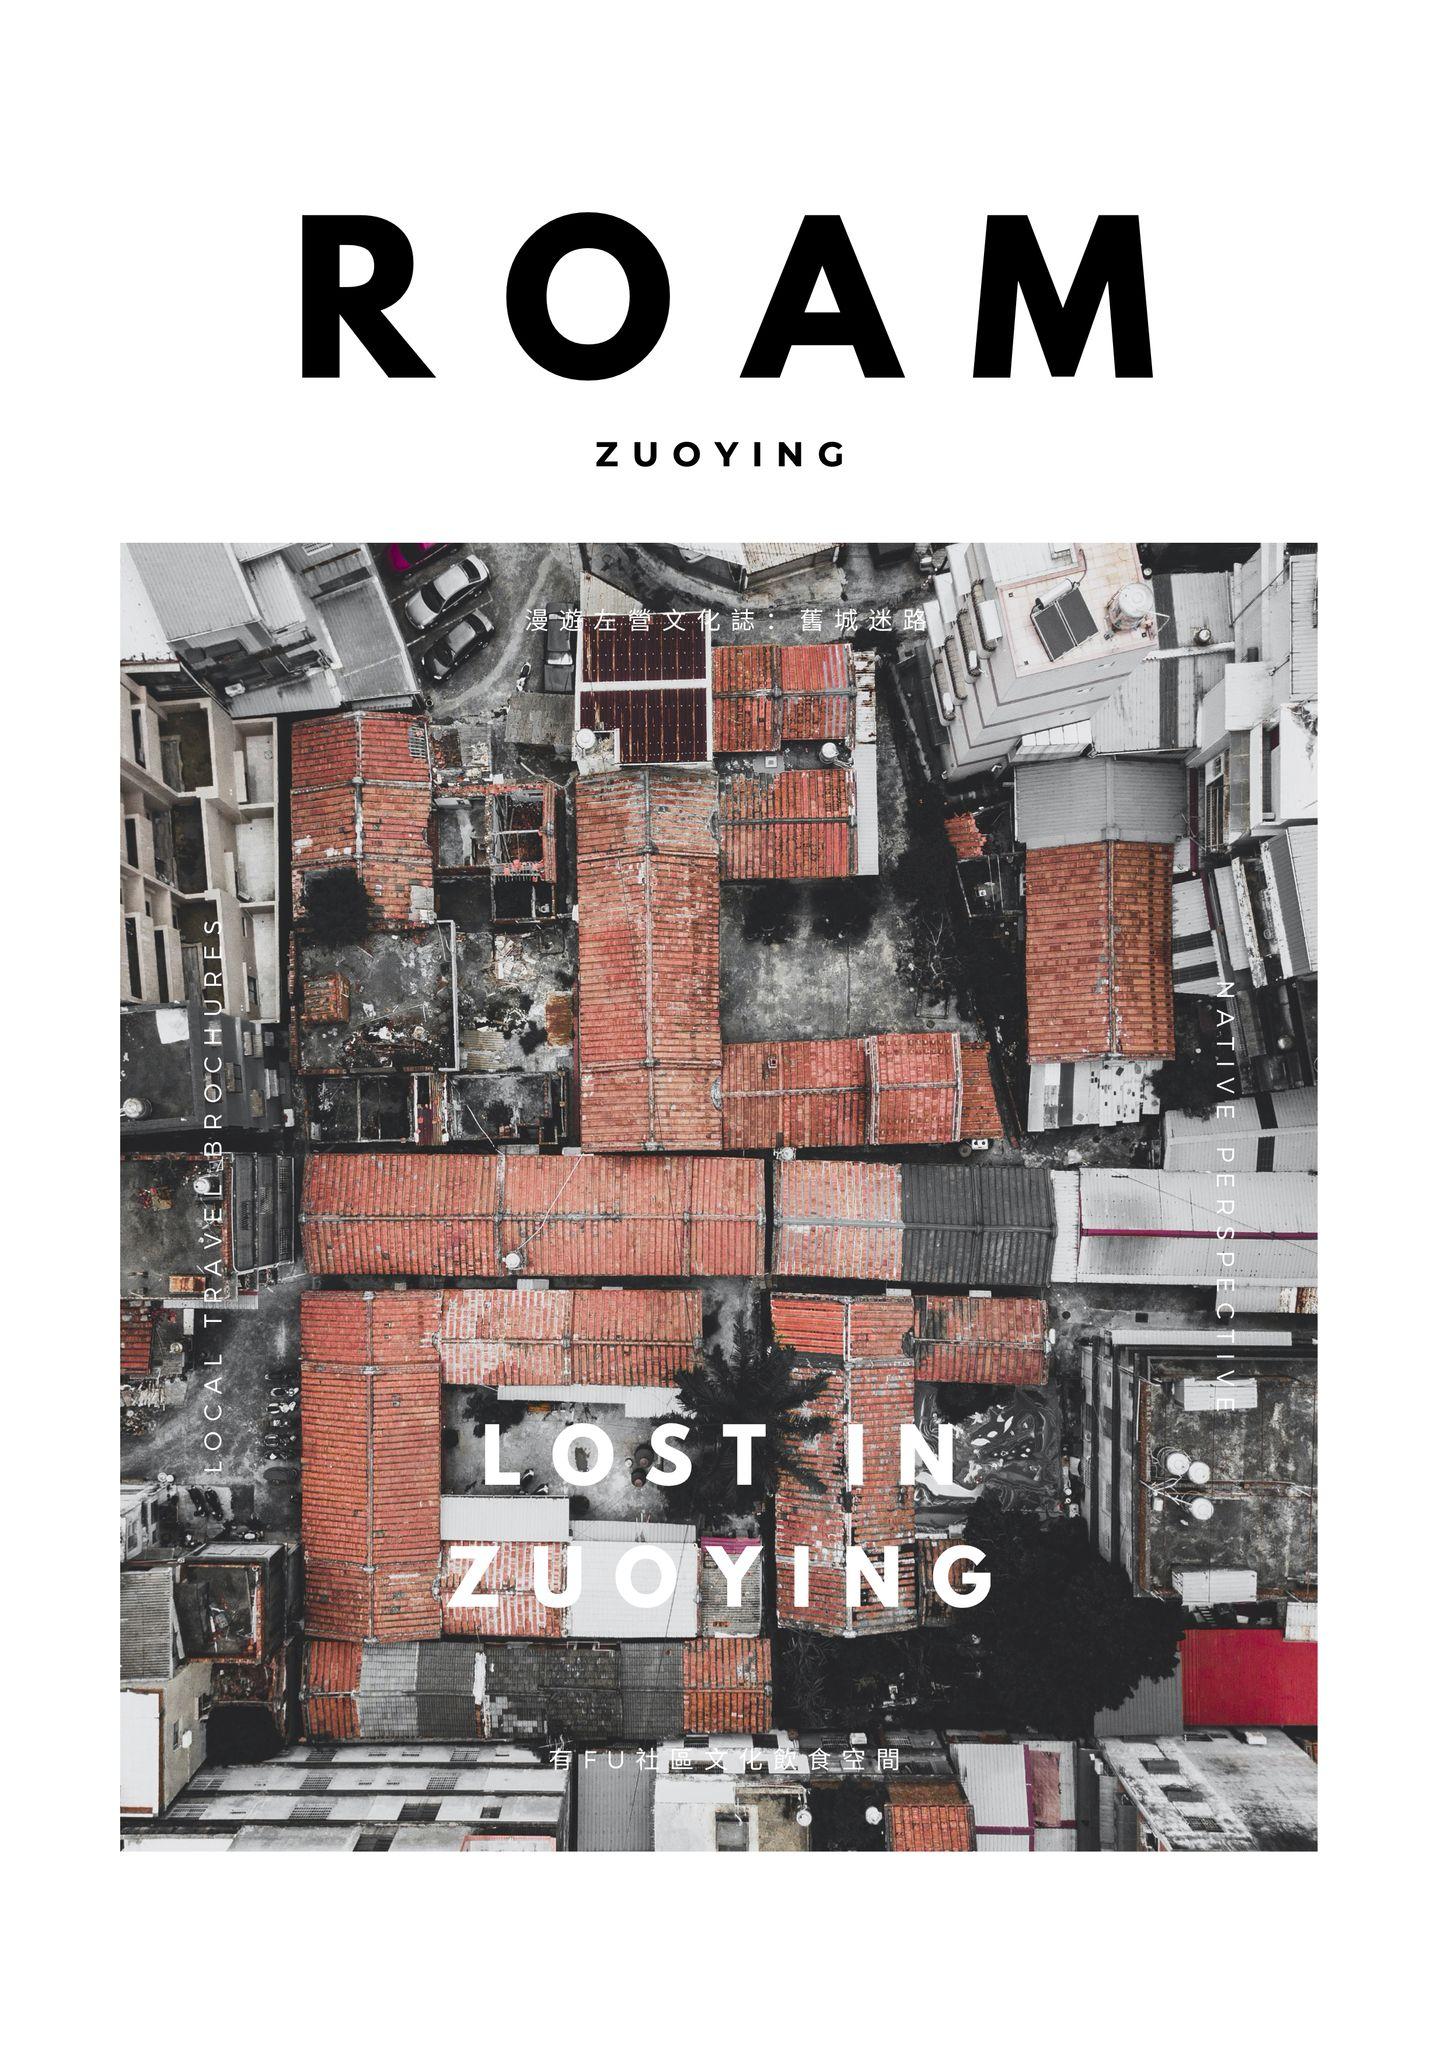 漫遊左營文化誌|Roam Zuoying Issue04 - 舊城迷路